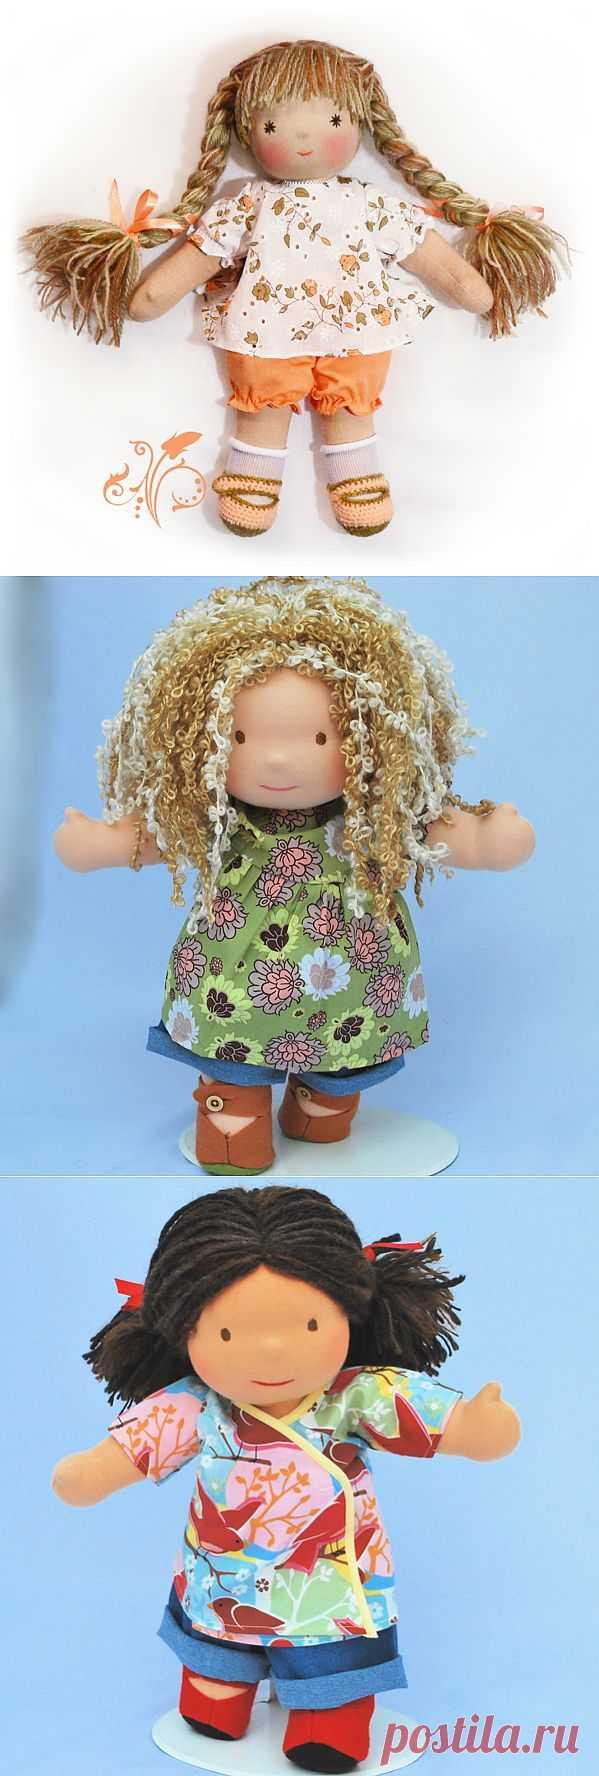 Подробный мастер класс, на создание кукол. Очень красивые получаются и прекрасный подарок для малыша.